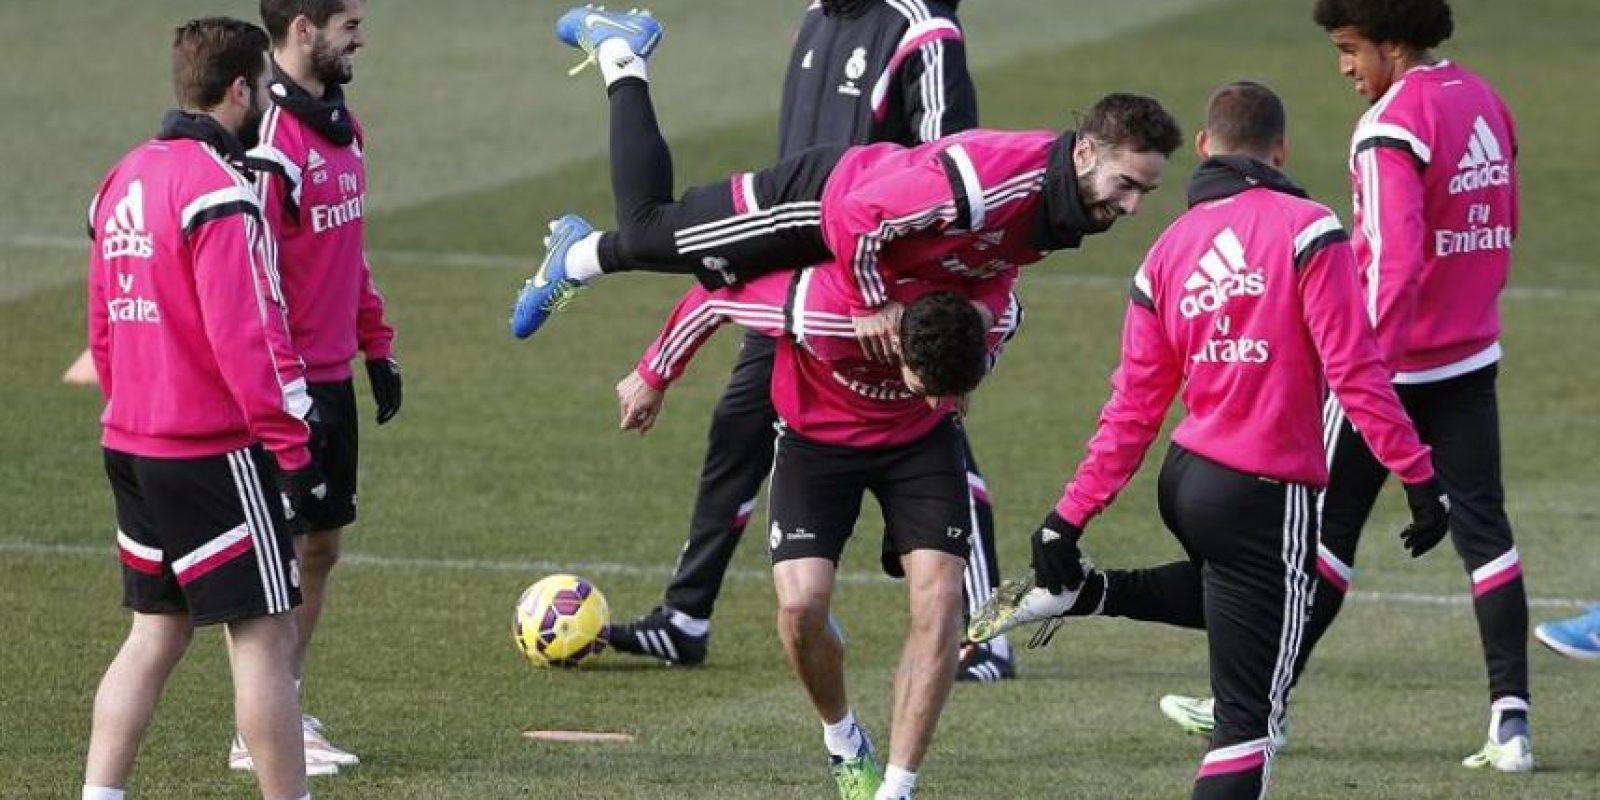 En el seno del Madrid el entorno es delicado luego de la derrota 0-4 contra el Atlético. Foto:AFP y EFE